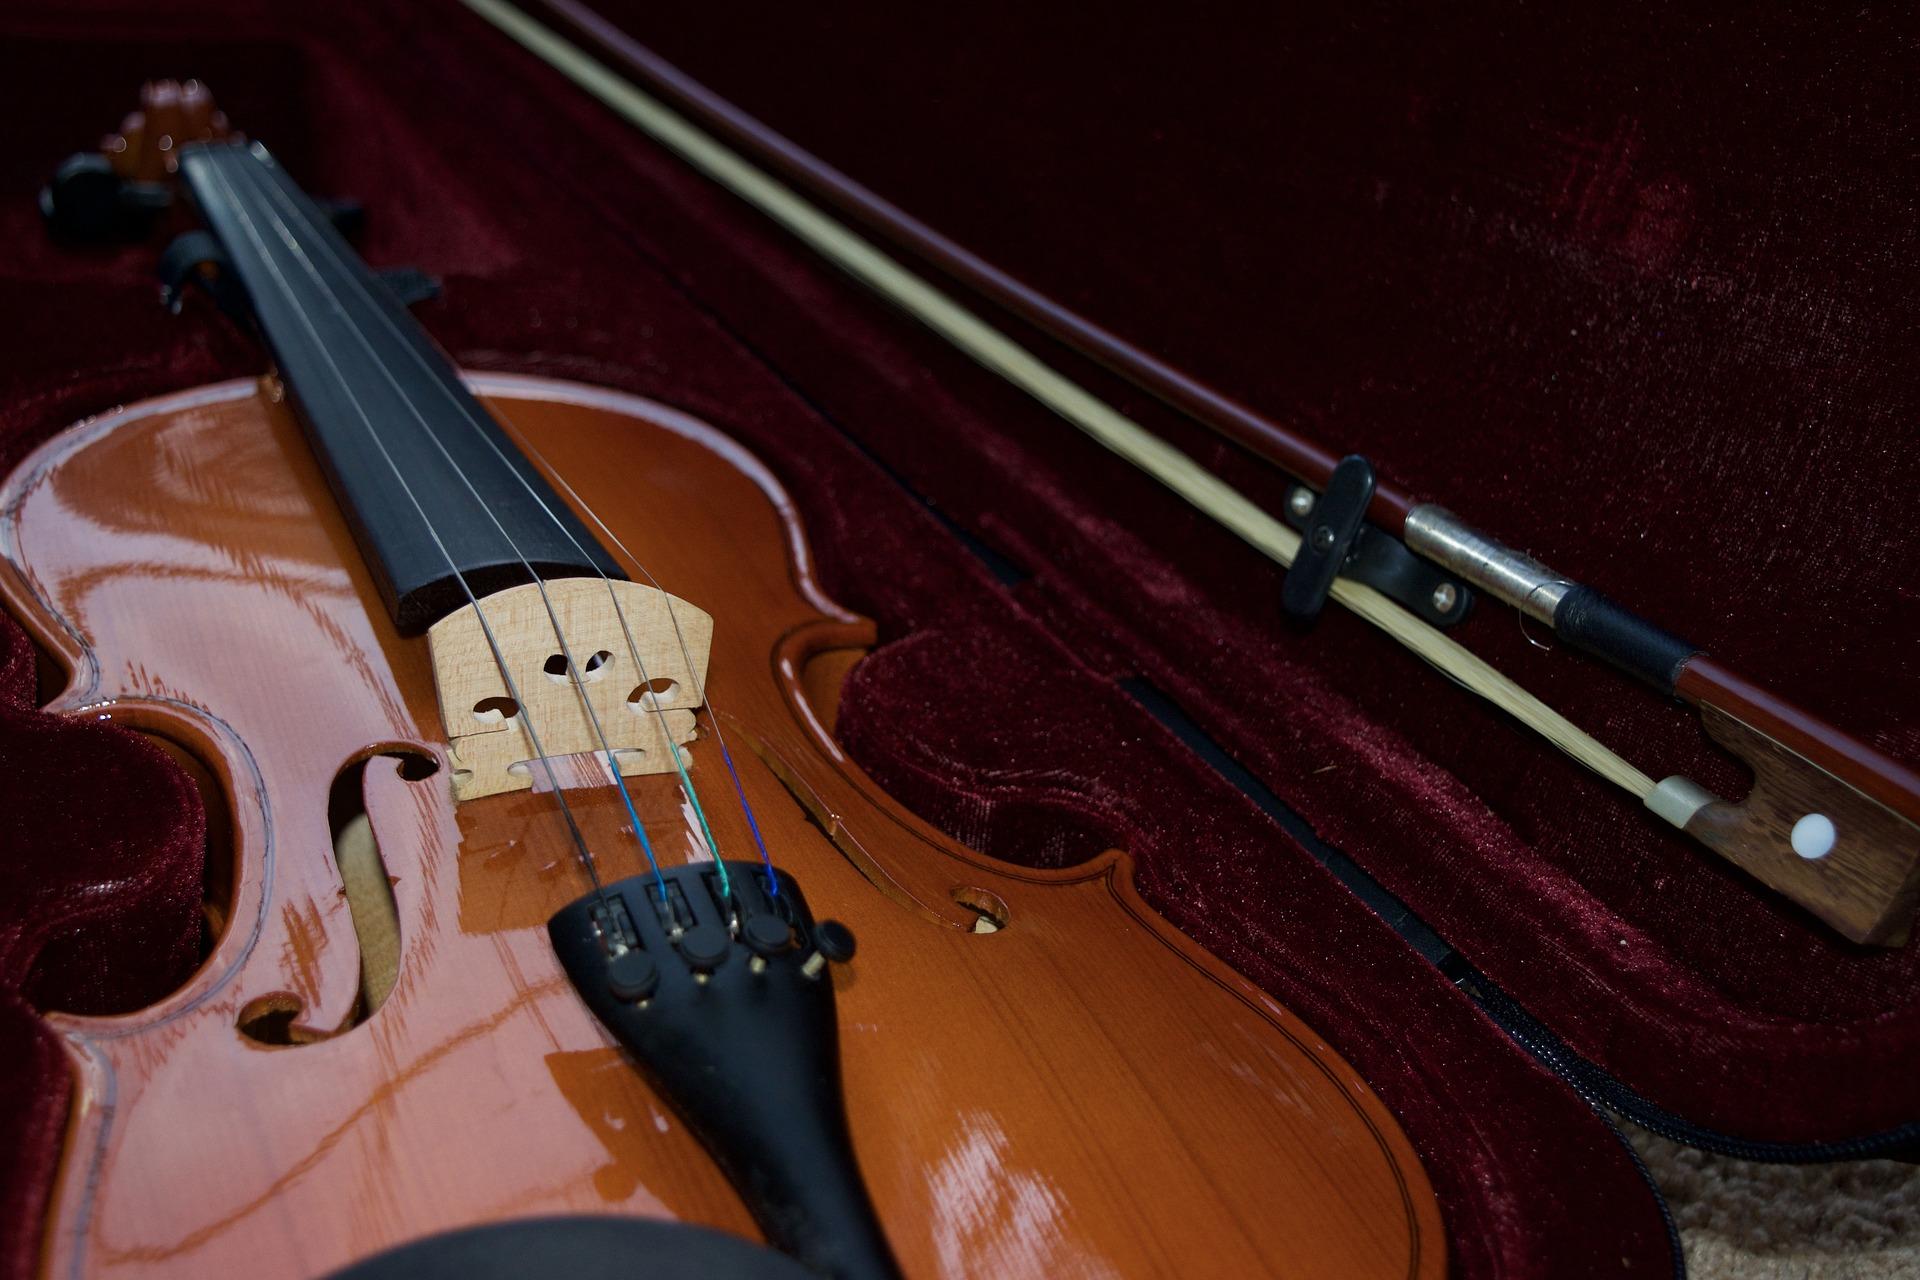 violin-1136986_1920